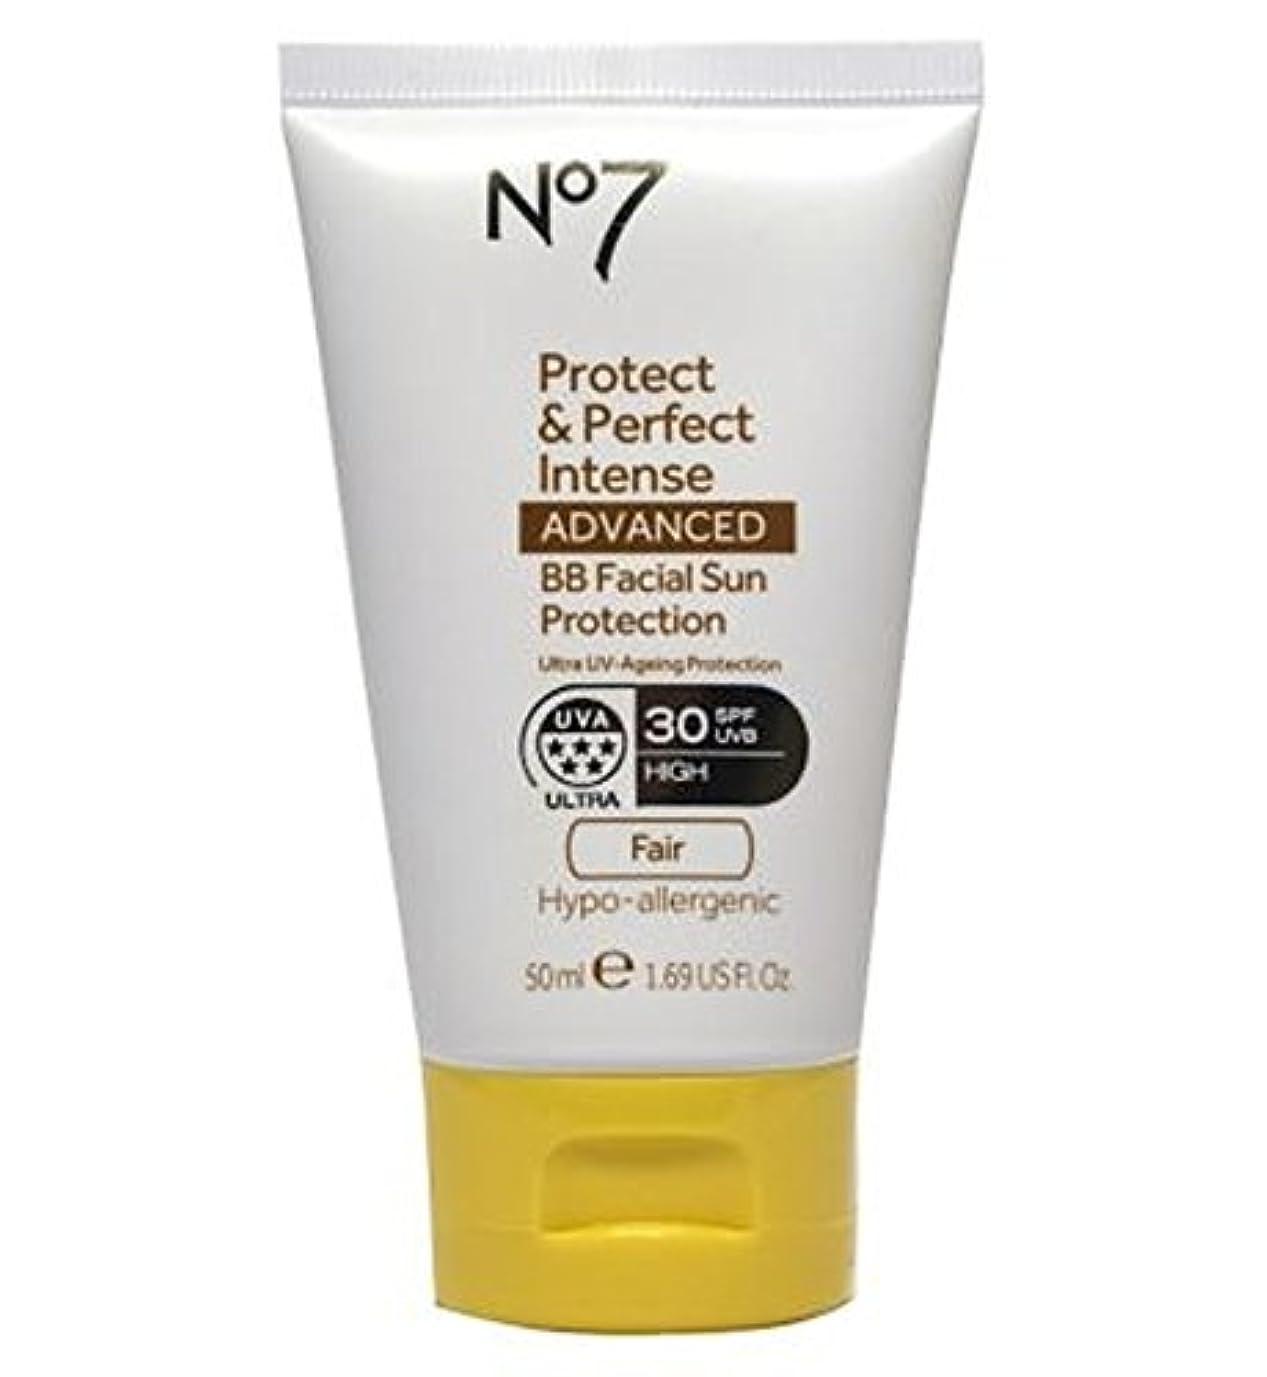 しなやかな人トランスペアレントNo7 Protect & Perfect Intense ADVANCED BB Facial Sun Protection SPF30 Light 50ml - No7保護&完璧な強烈な先進Bb顔の日焼け防止Spf30...